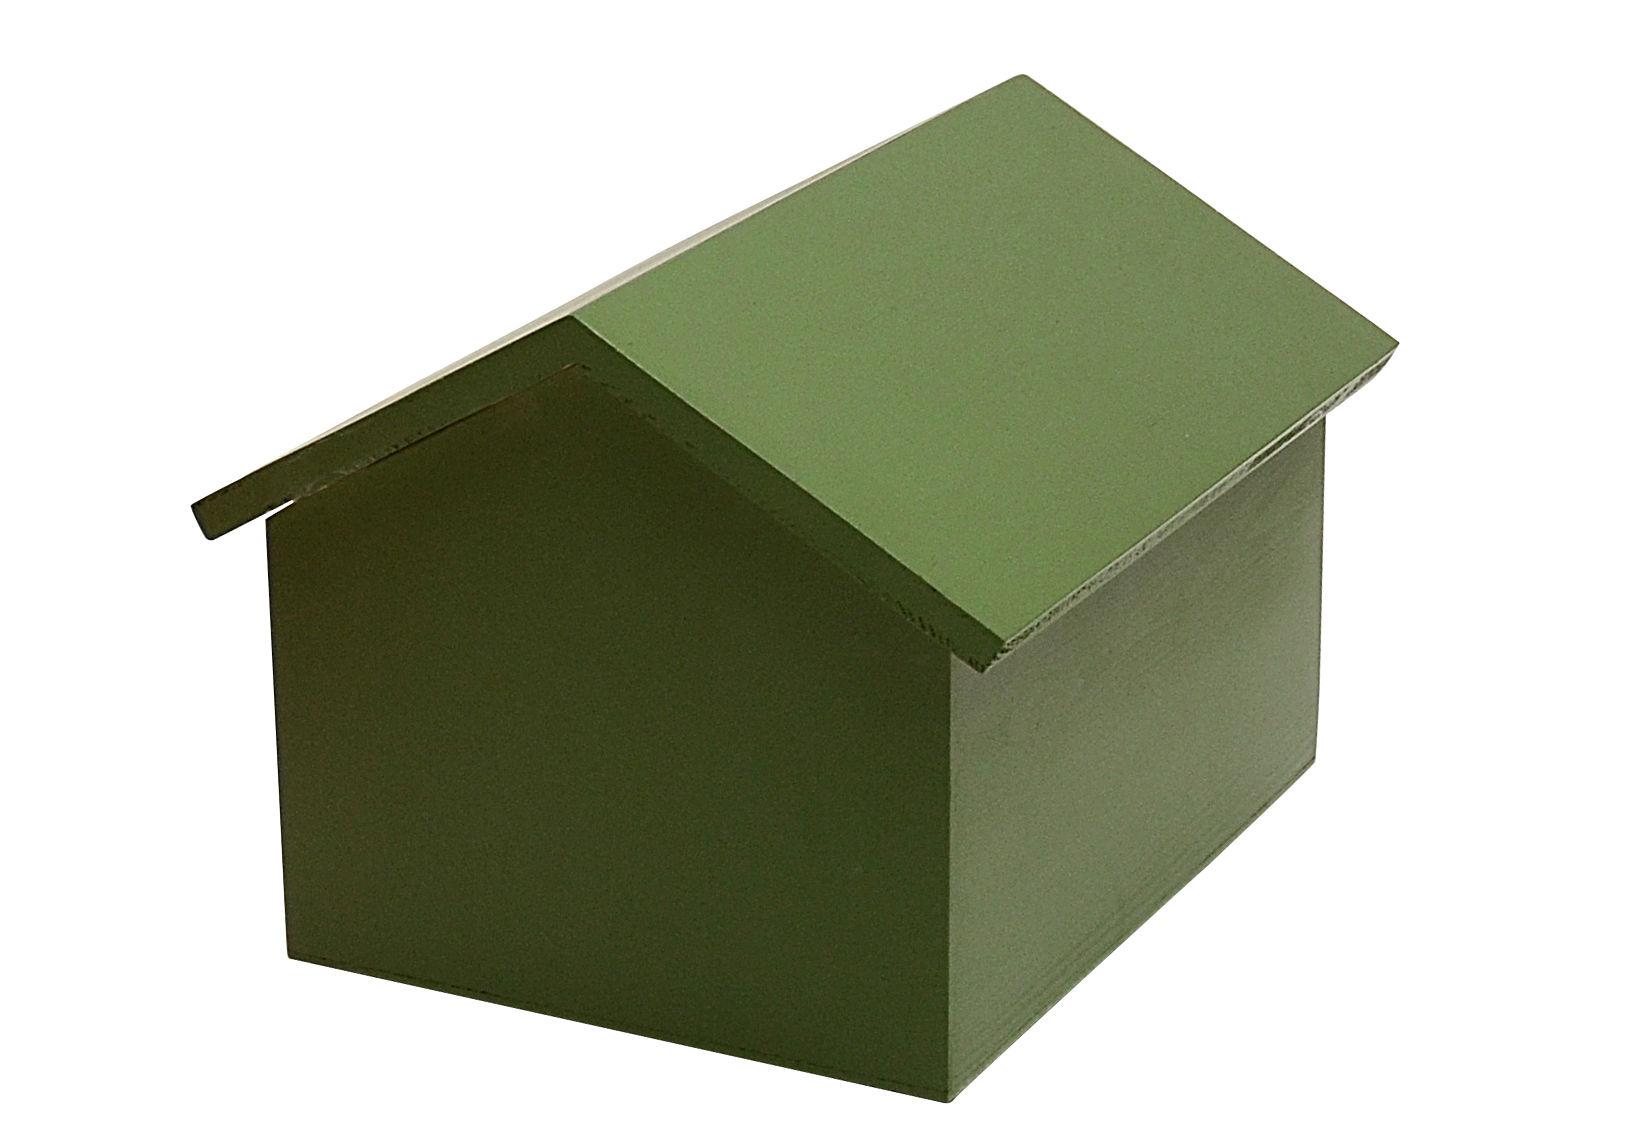 Arredamento - Mobili per bambini - Baule Maison - / Small - L 35 cm di Compagnie - Verde - MDF tinto